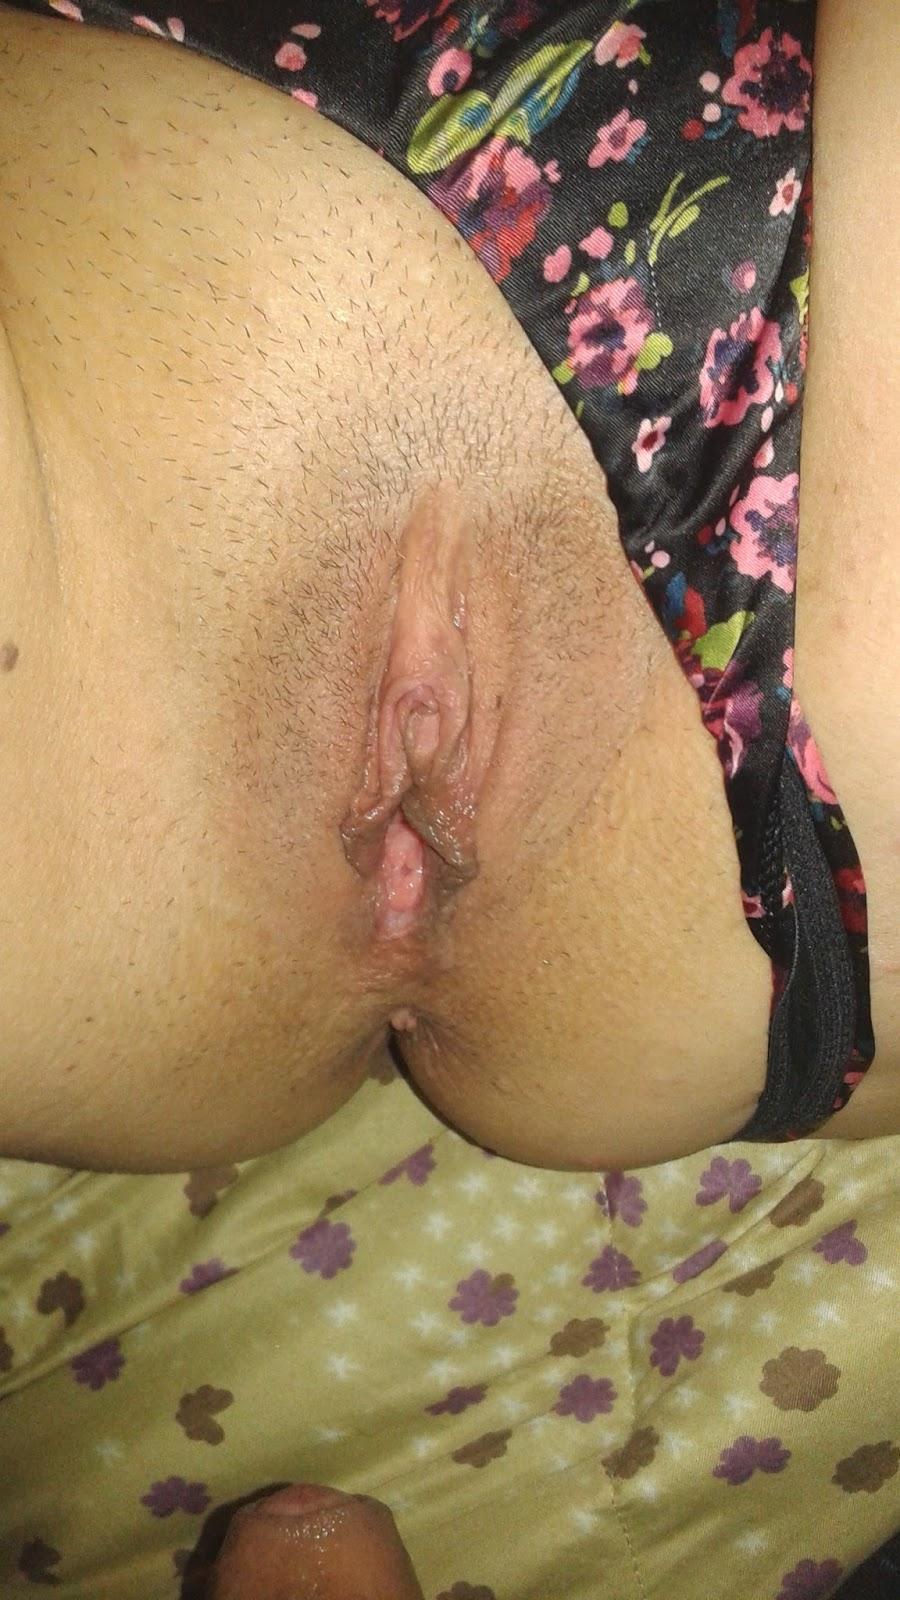 Contenitore Amatoriale Vi piace la figa di mia moglie